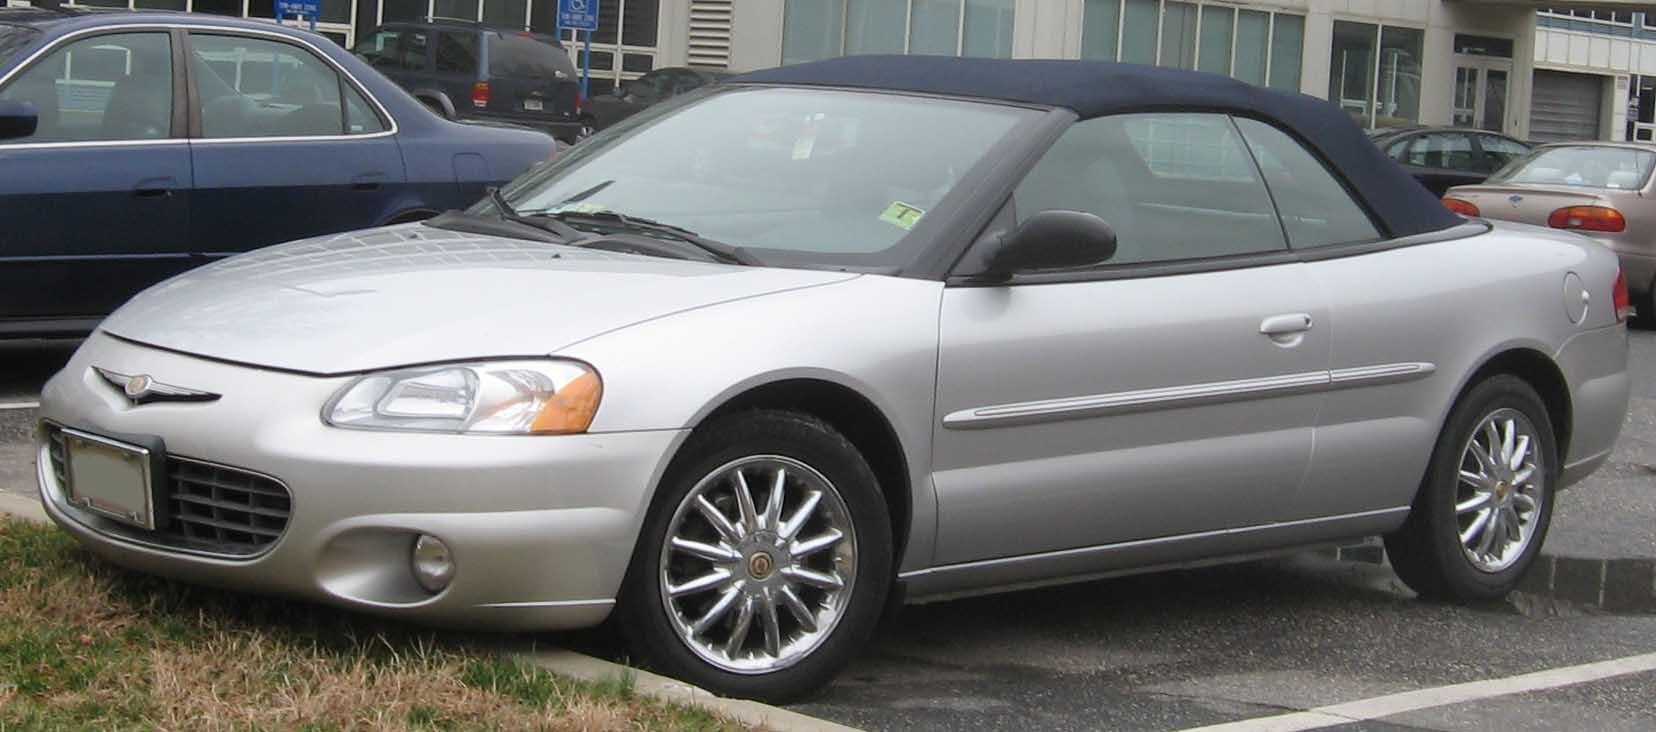 File 2001 2003 Chrysler Sebring Convertible Jpg